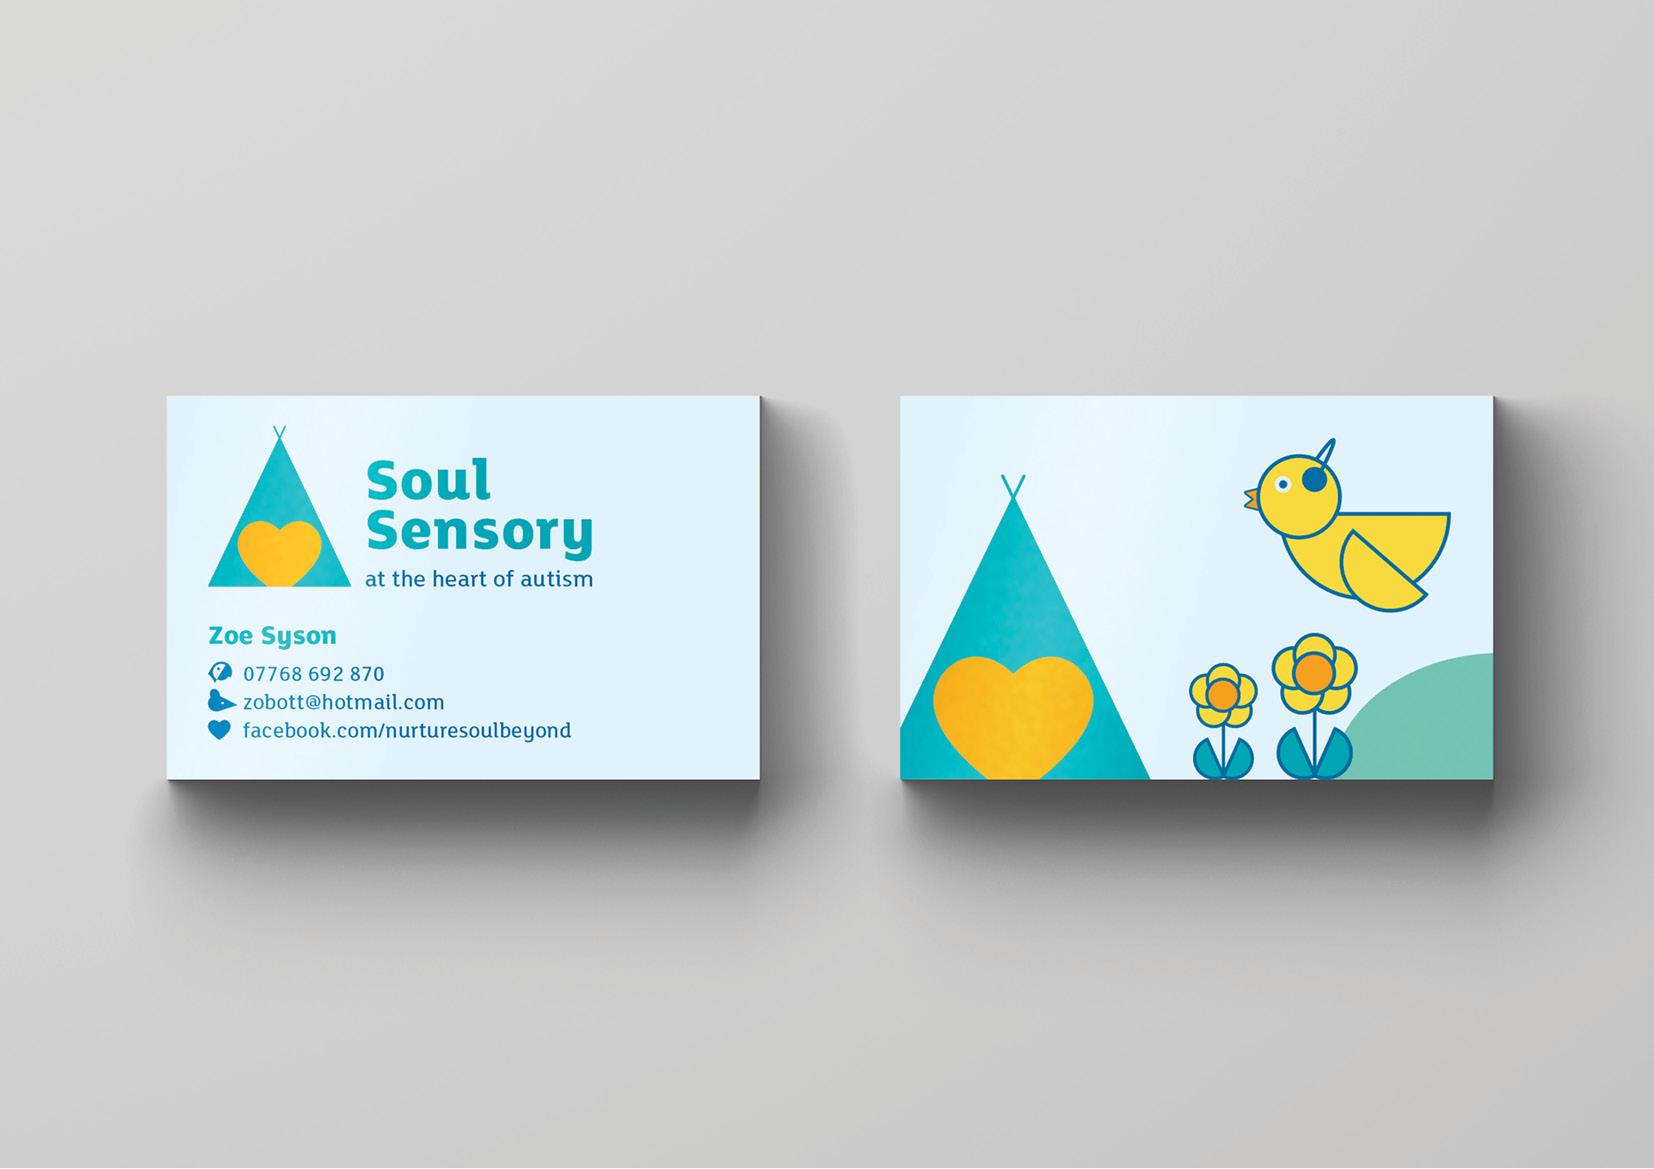 Soul Sensory, Joe